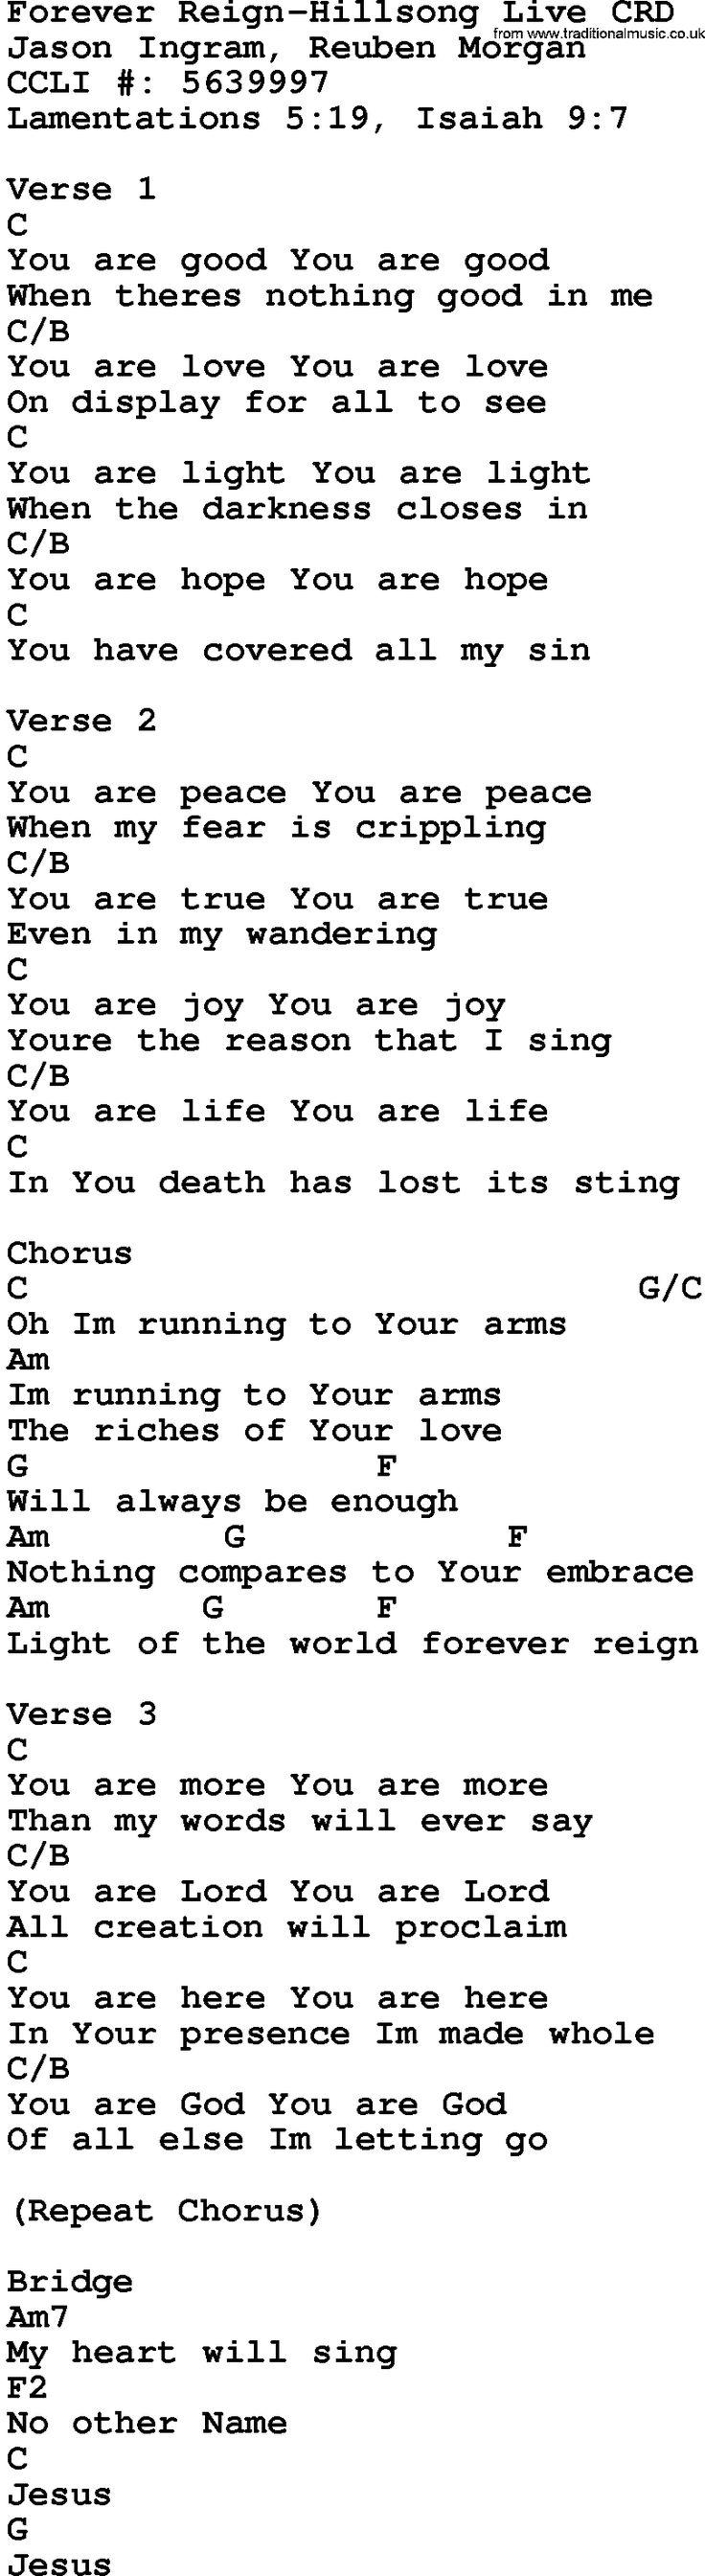 Gospel Song: Forever Reign-Hillsong Live, lyrics and chords.